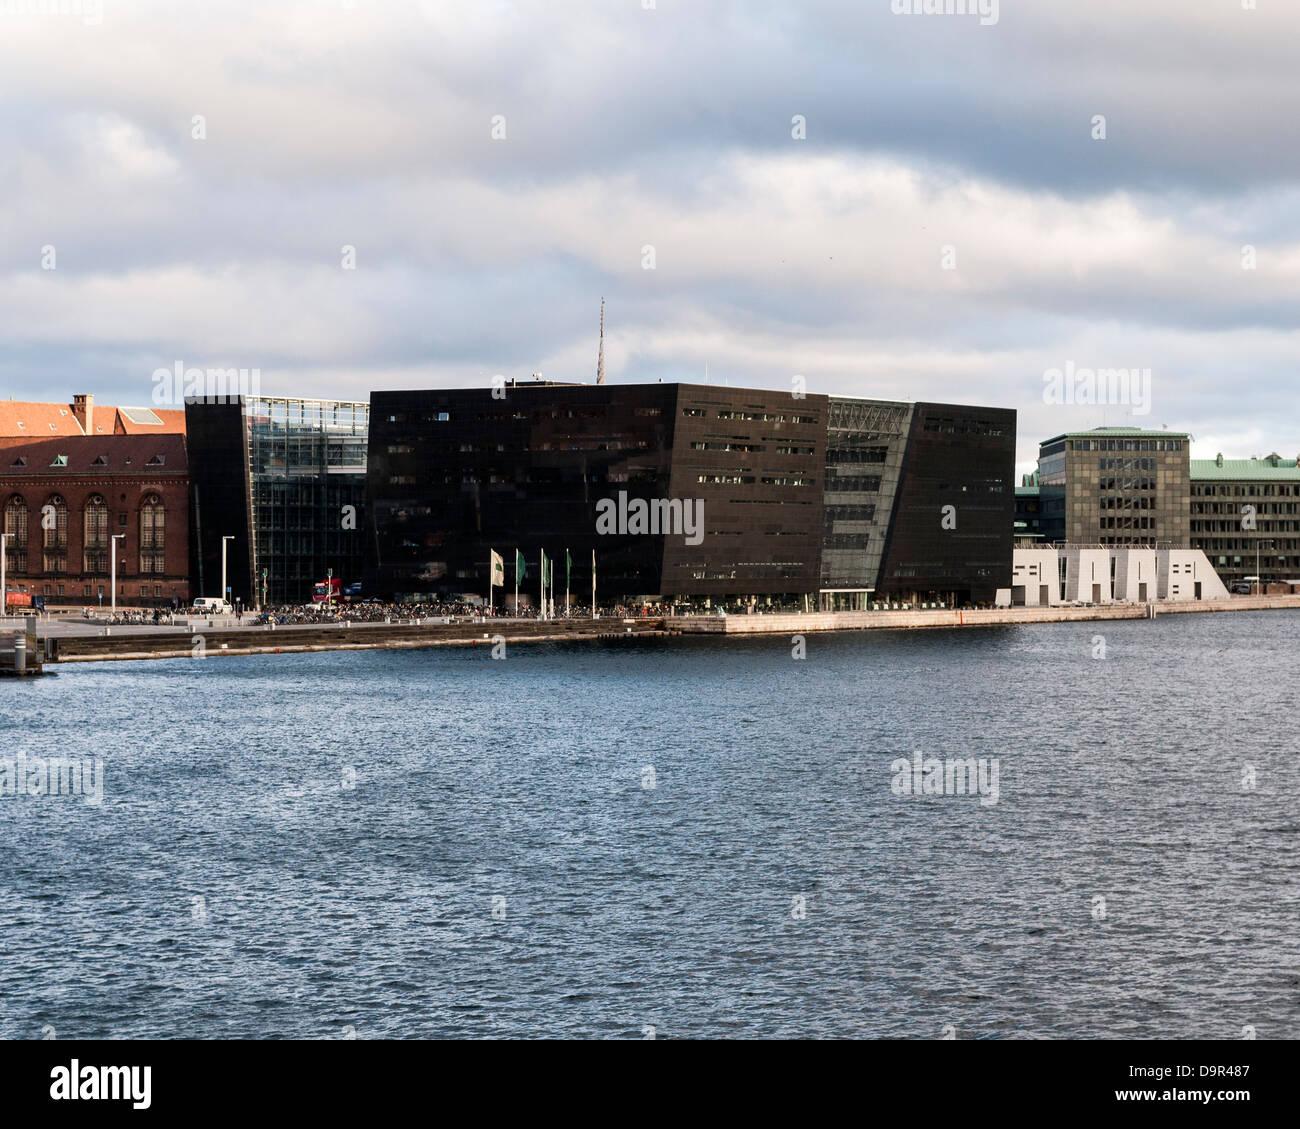 The Black Diamond - The Royal Danish Library, Copenhagen, Denmark. Architect: Schmidt Hammer & Lassen Ltd, 1999. Stock Photo